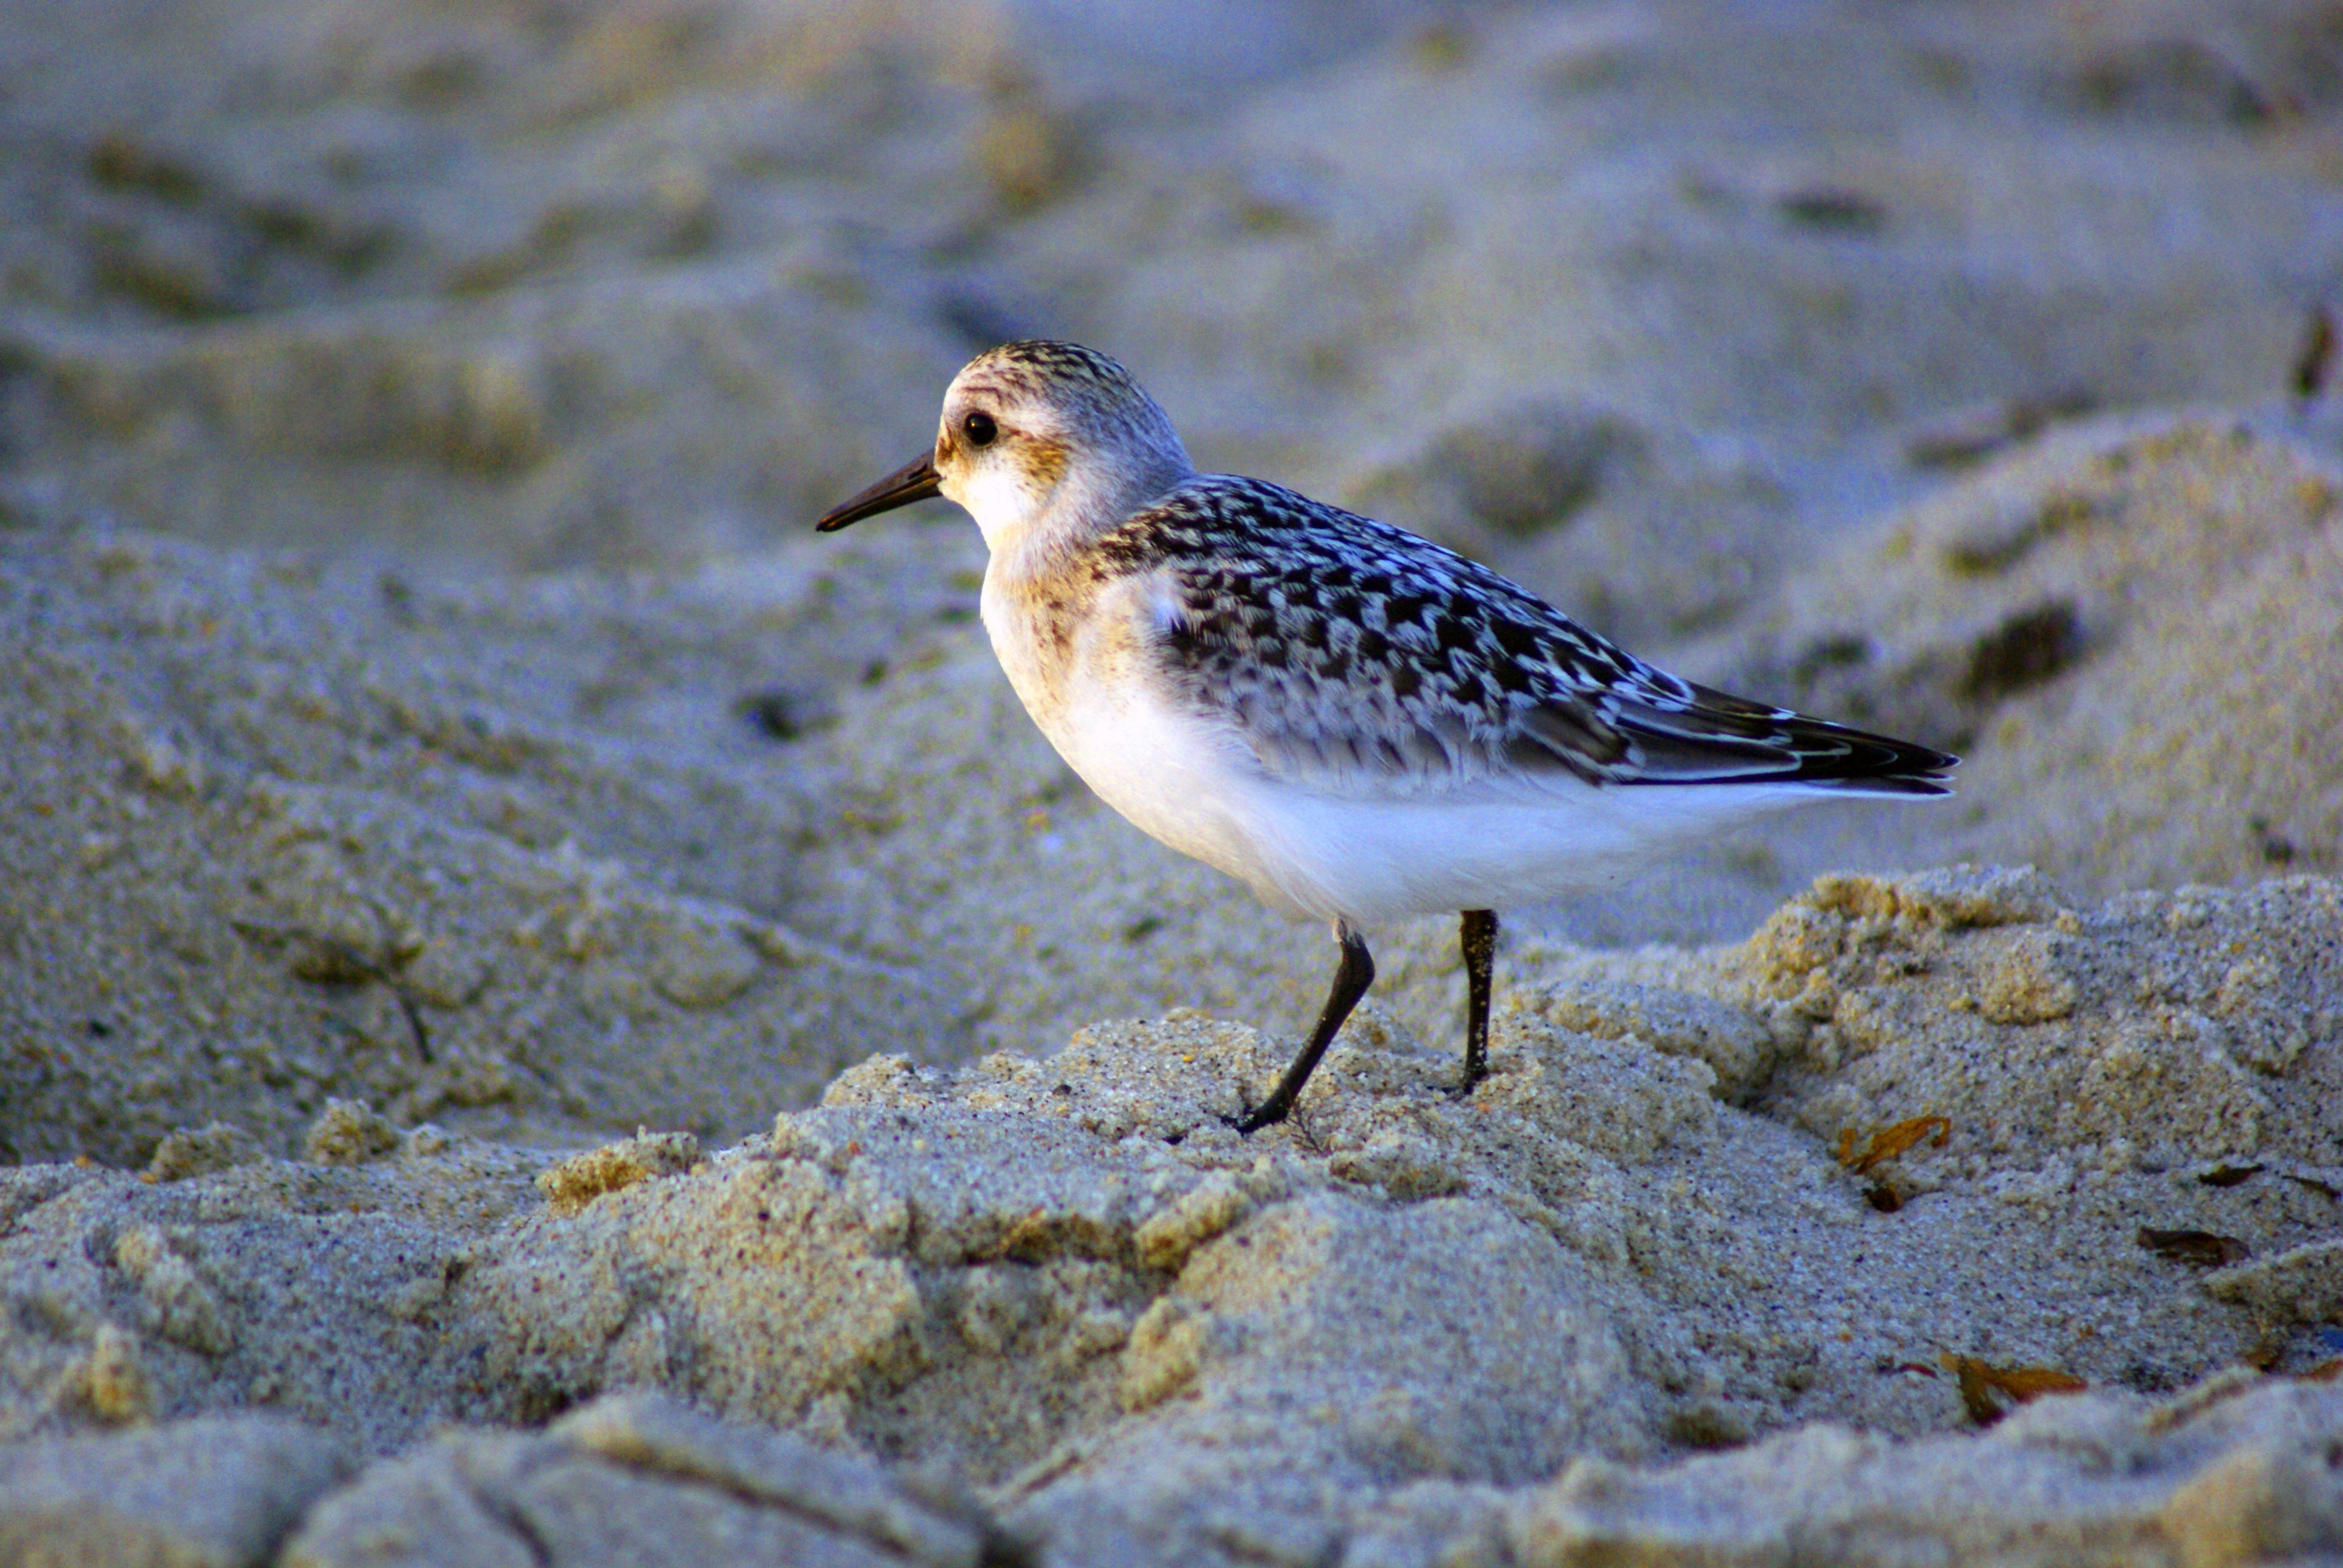 Sandpiper photo